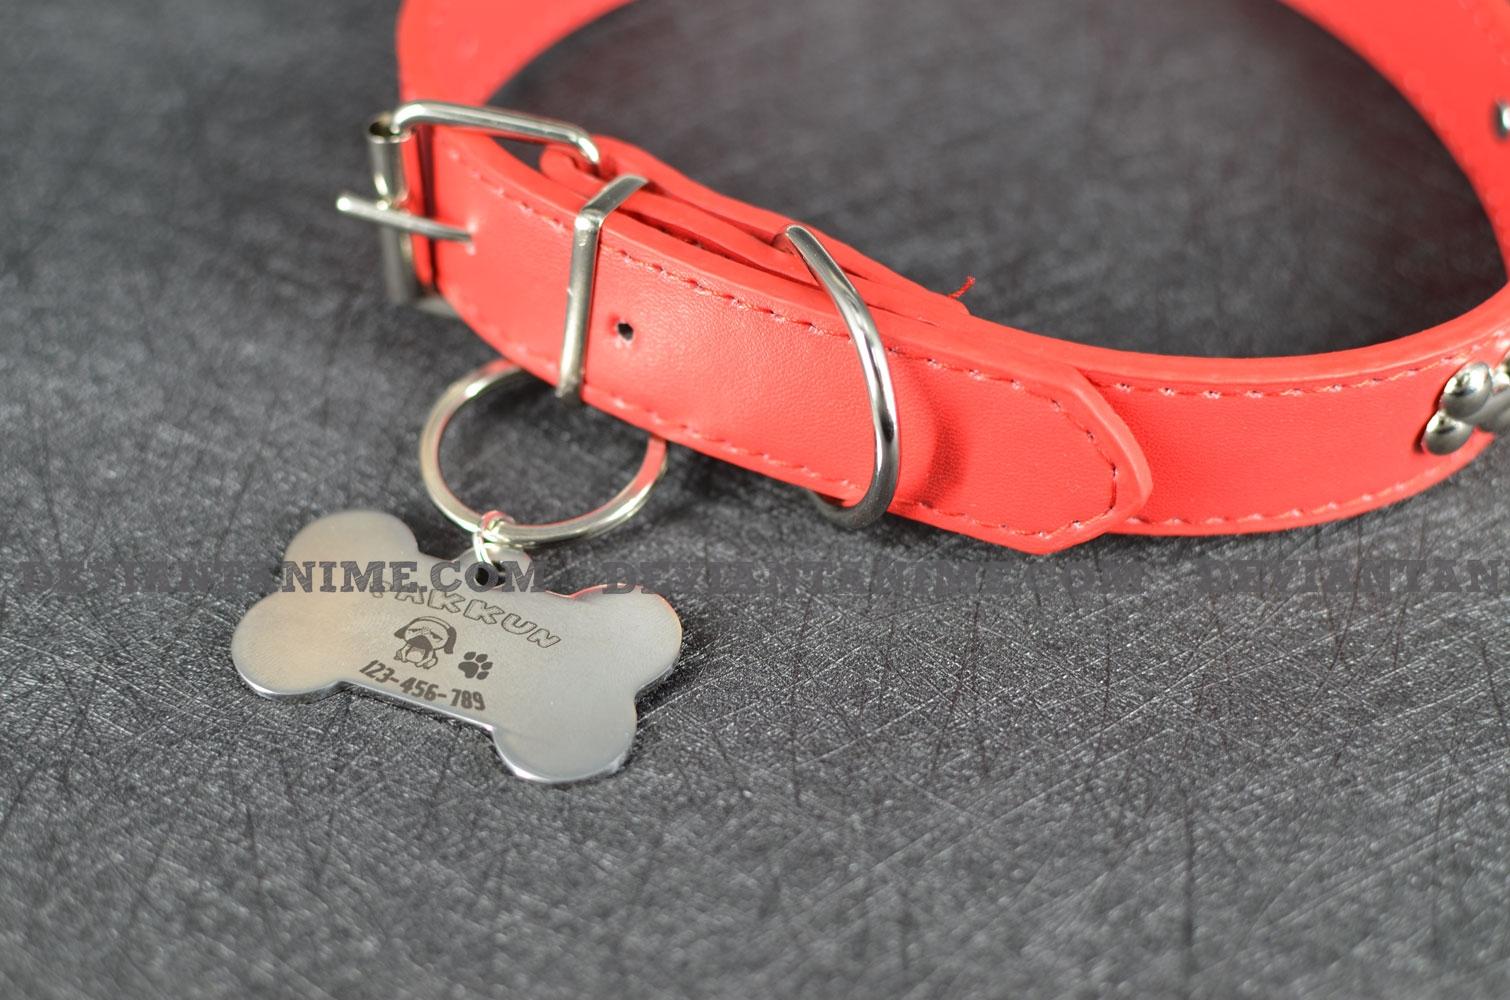 40503-Custom-Pet-Tag-3-6.jpg